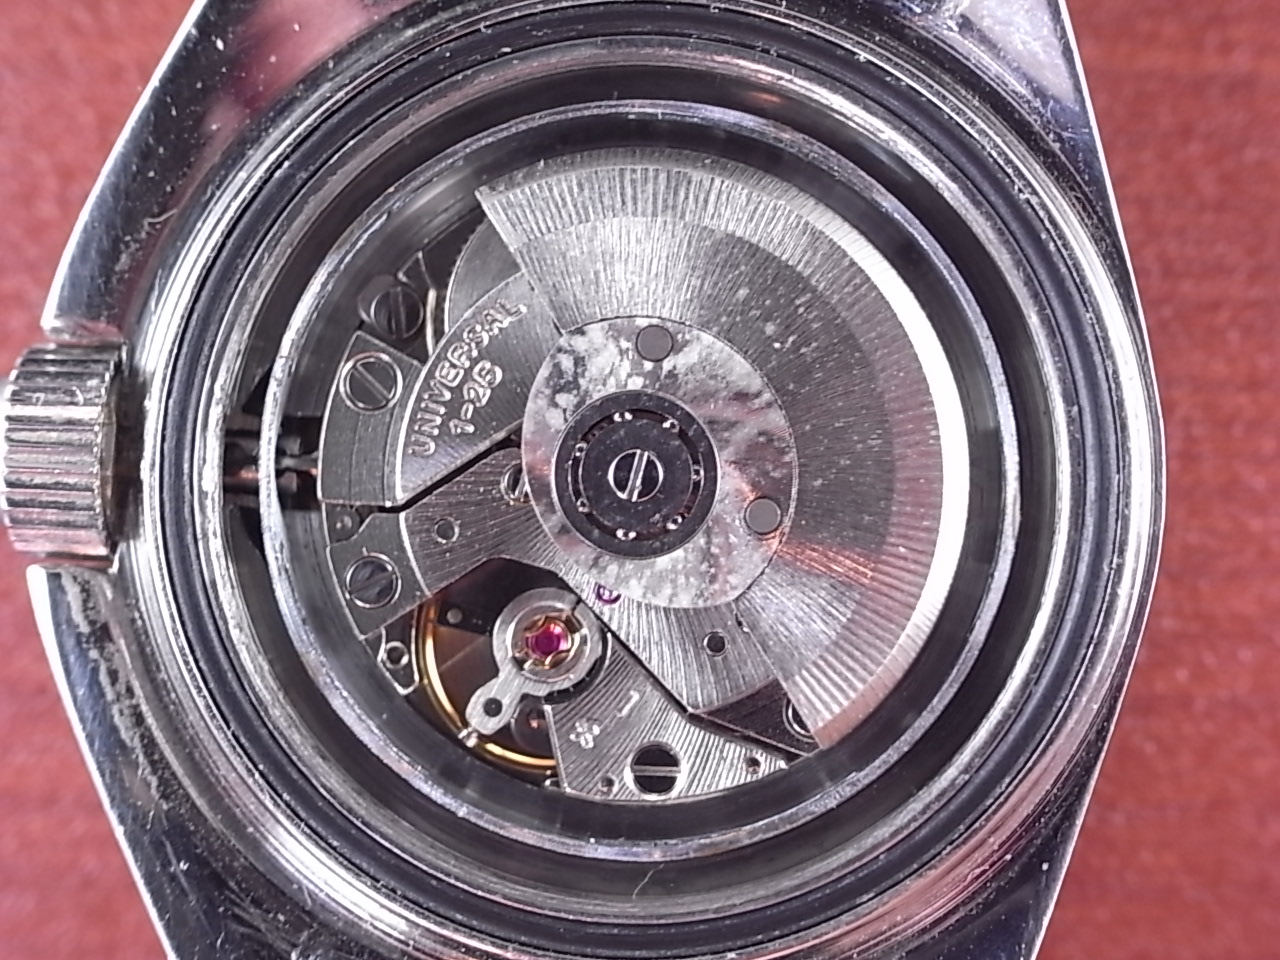 ユニバーサル・ジュネーブ レディースサブ オートマチック ブラックベゼル 1970年代の写真5枚目